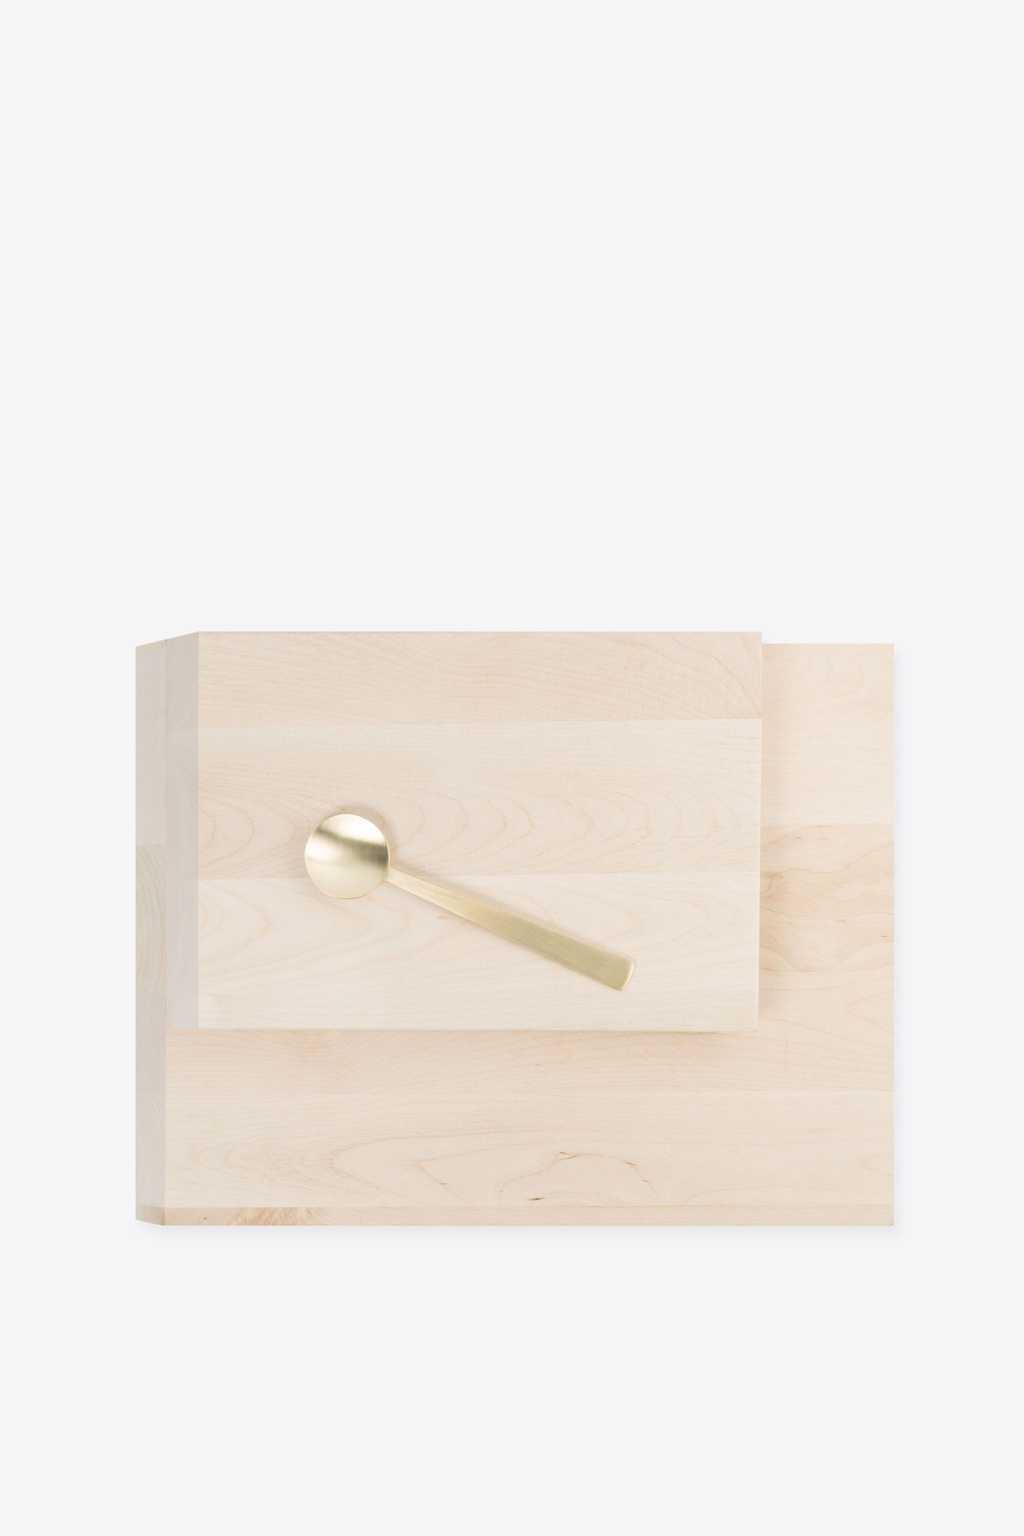 Large Cutting Board 1020 Brown 5